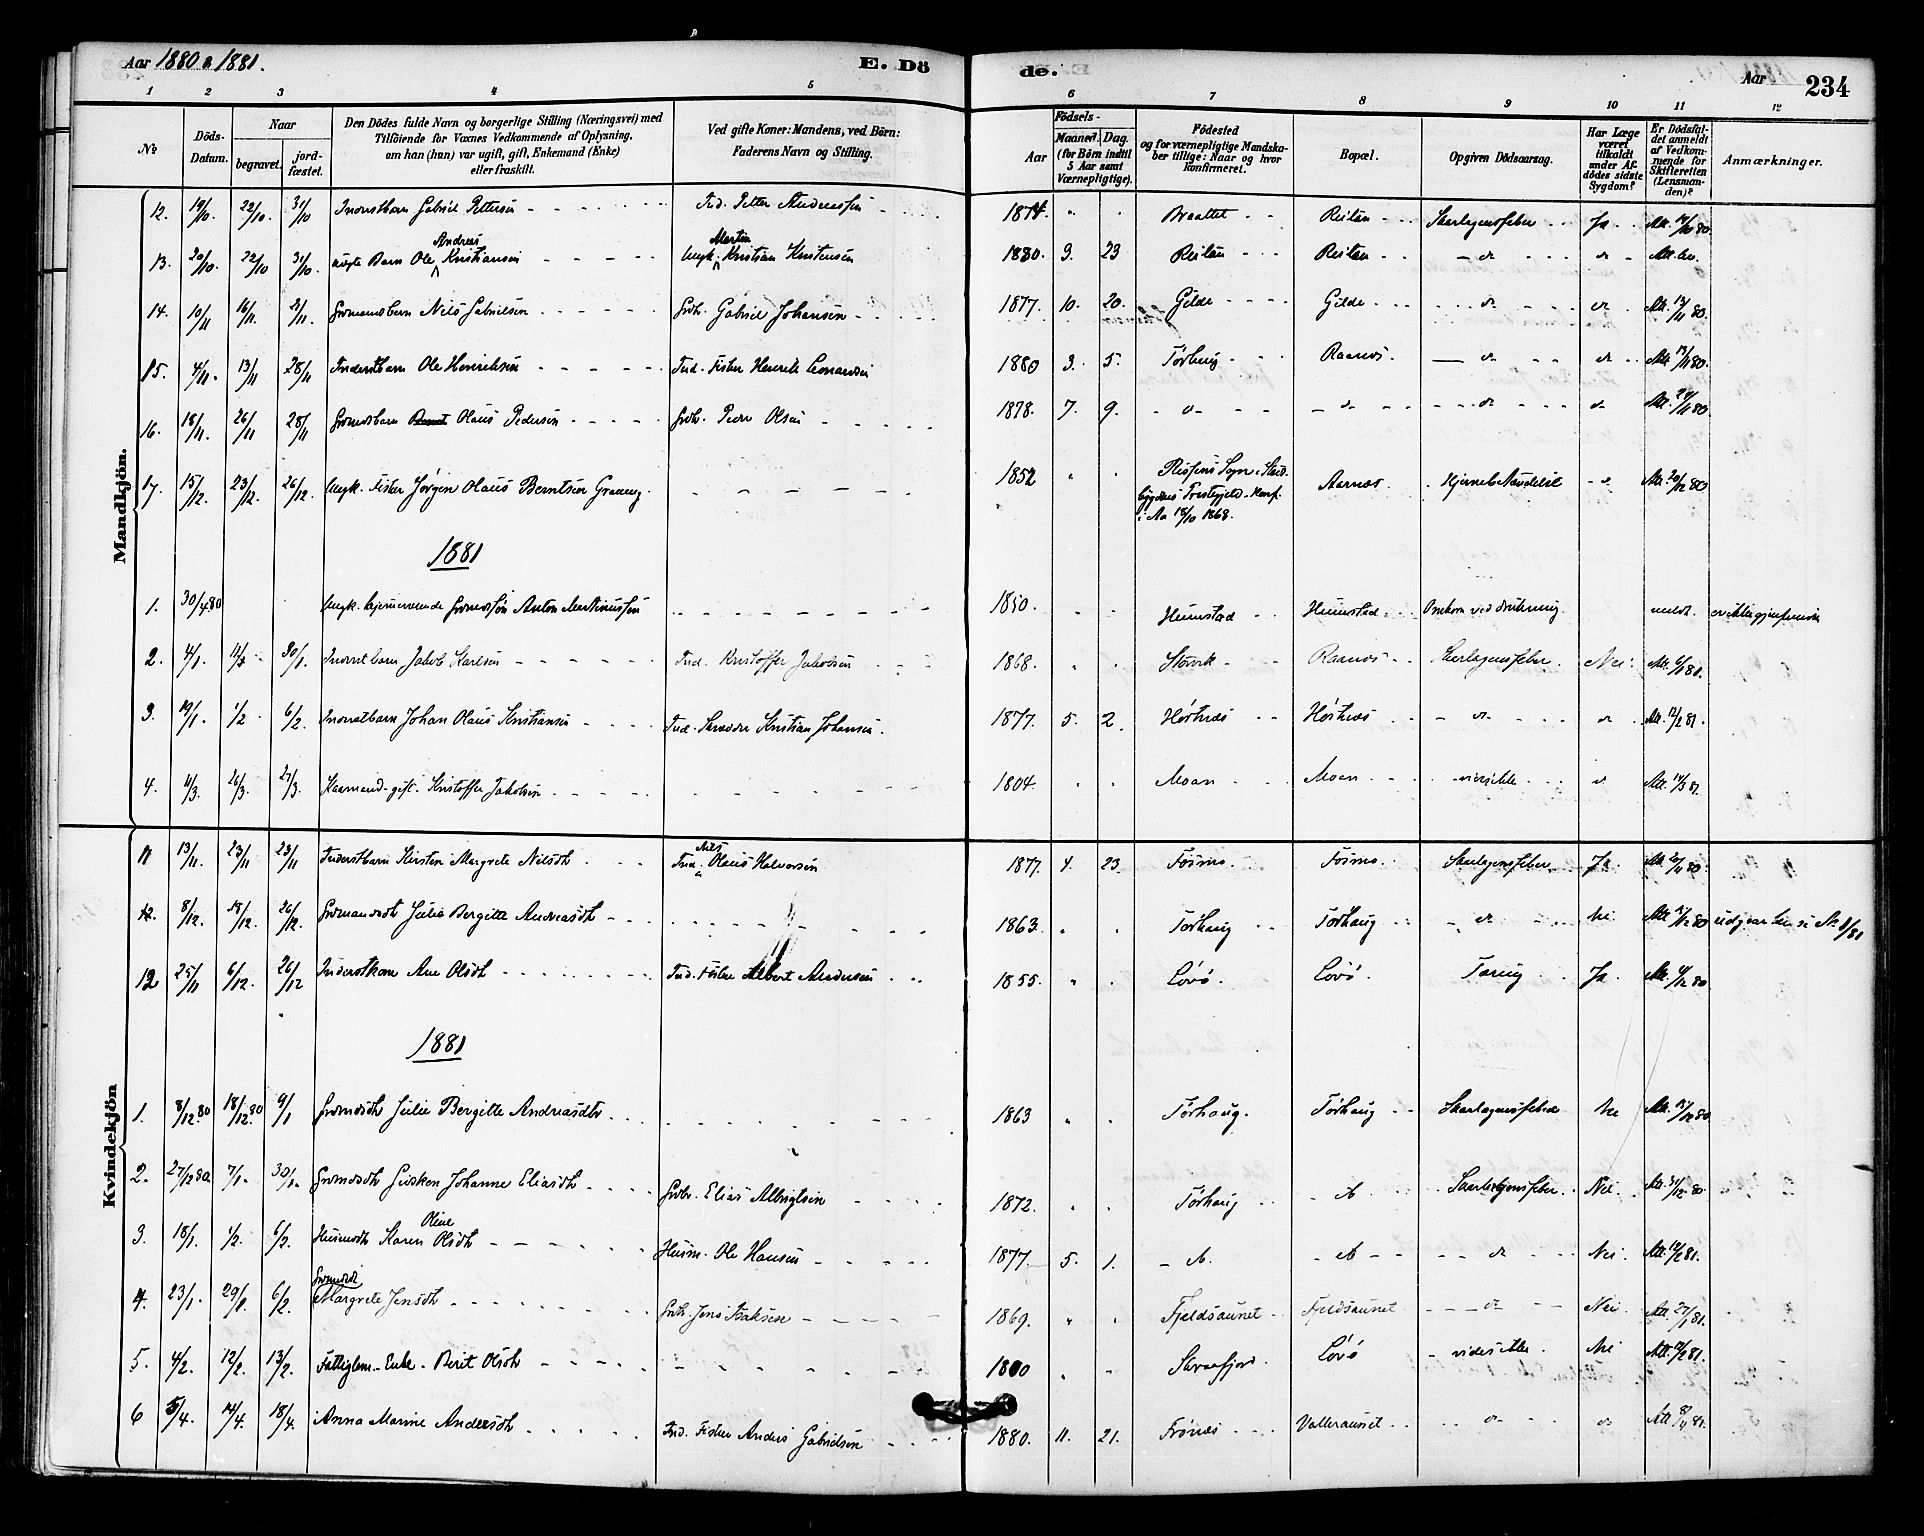 SAT, Ministerialprotokoller, klokkerbøker og fødselsregistre - Sør-Trøndelag, 655/L0680: Ministerialbok nr. 655A09, 1880-1894, s. 234